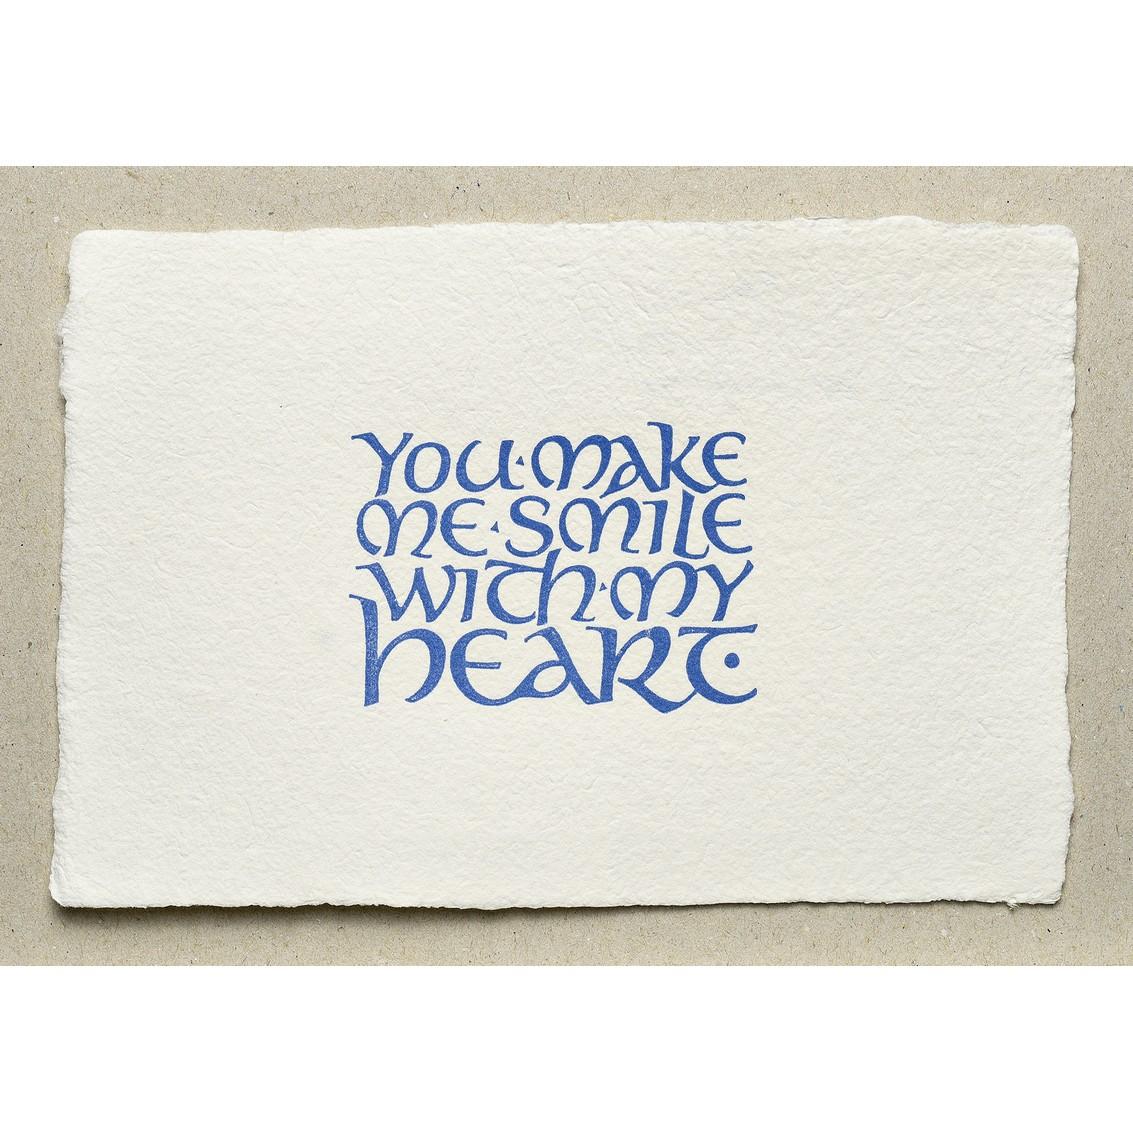 You make me smile...